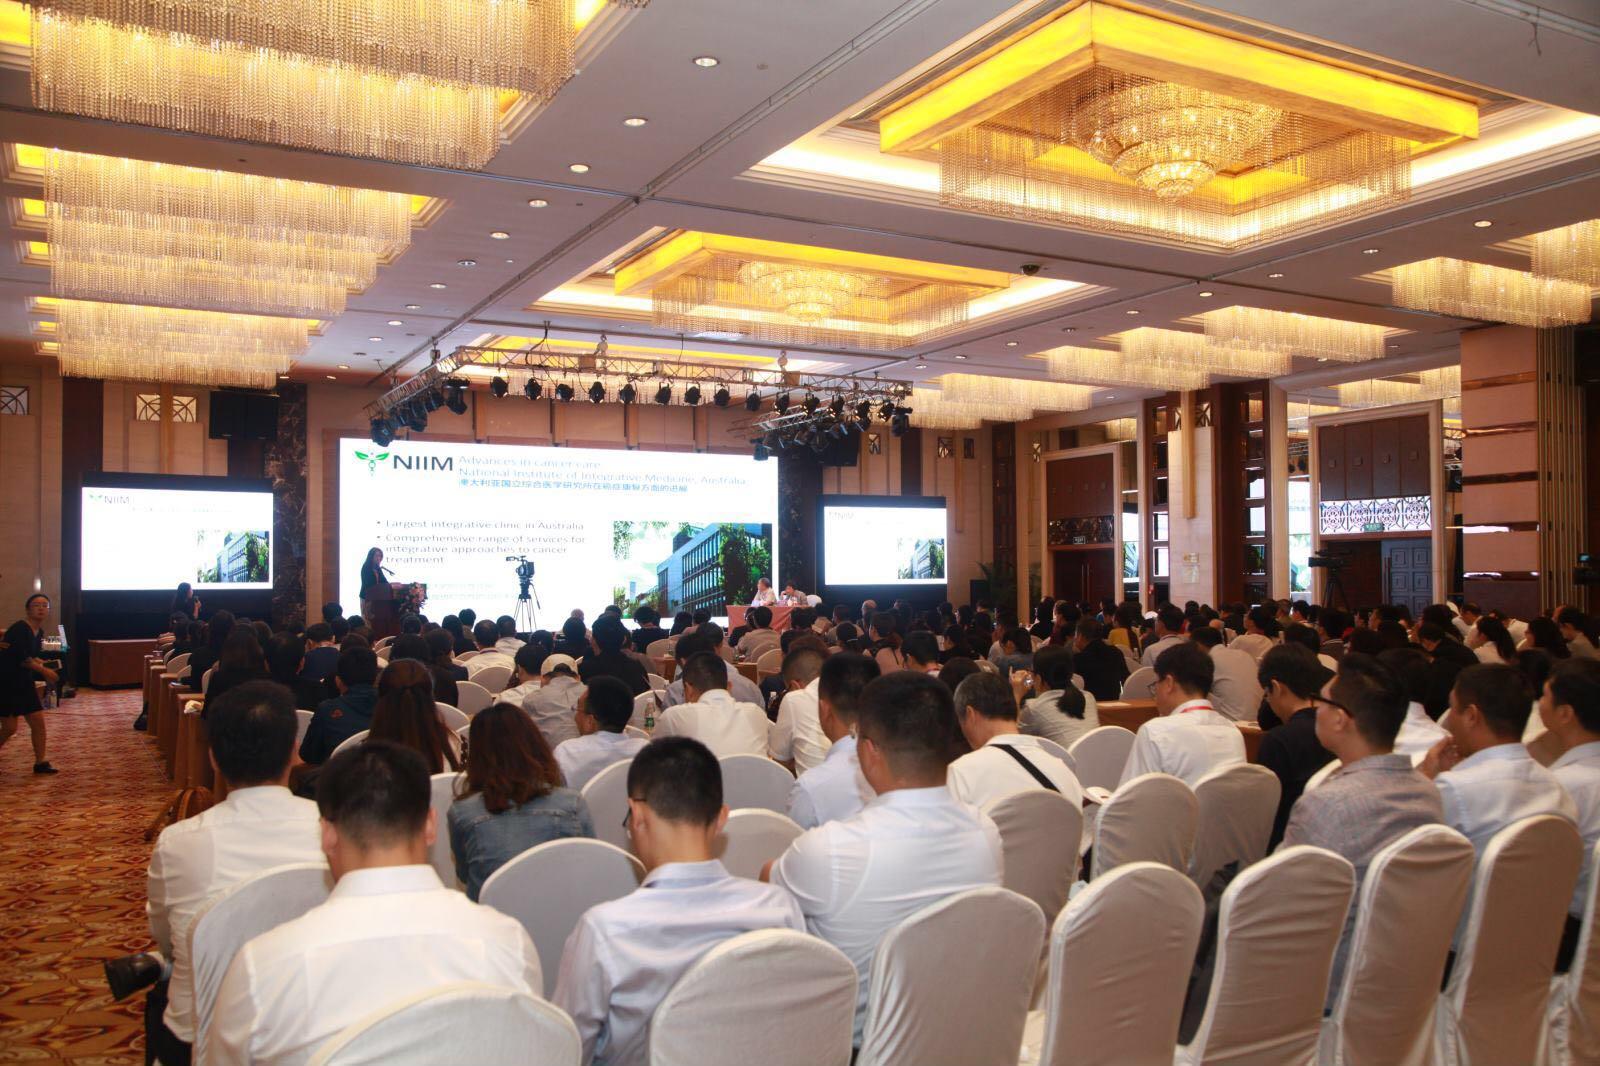 世界中医药学会联合会肿瘤康复专业委员会 第三届肿瘤康复学术年会在京召开